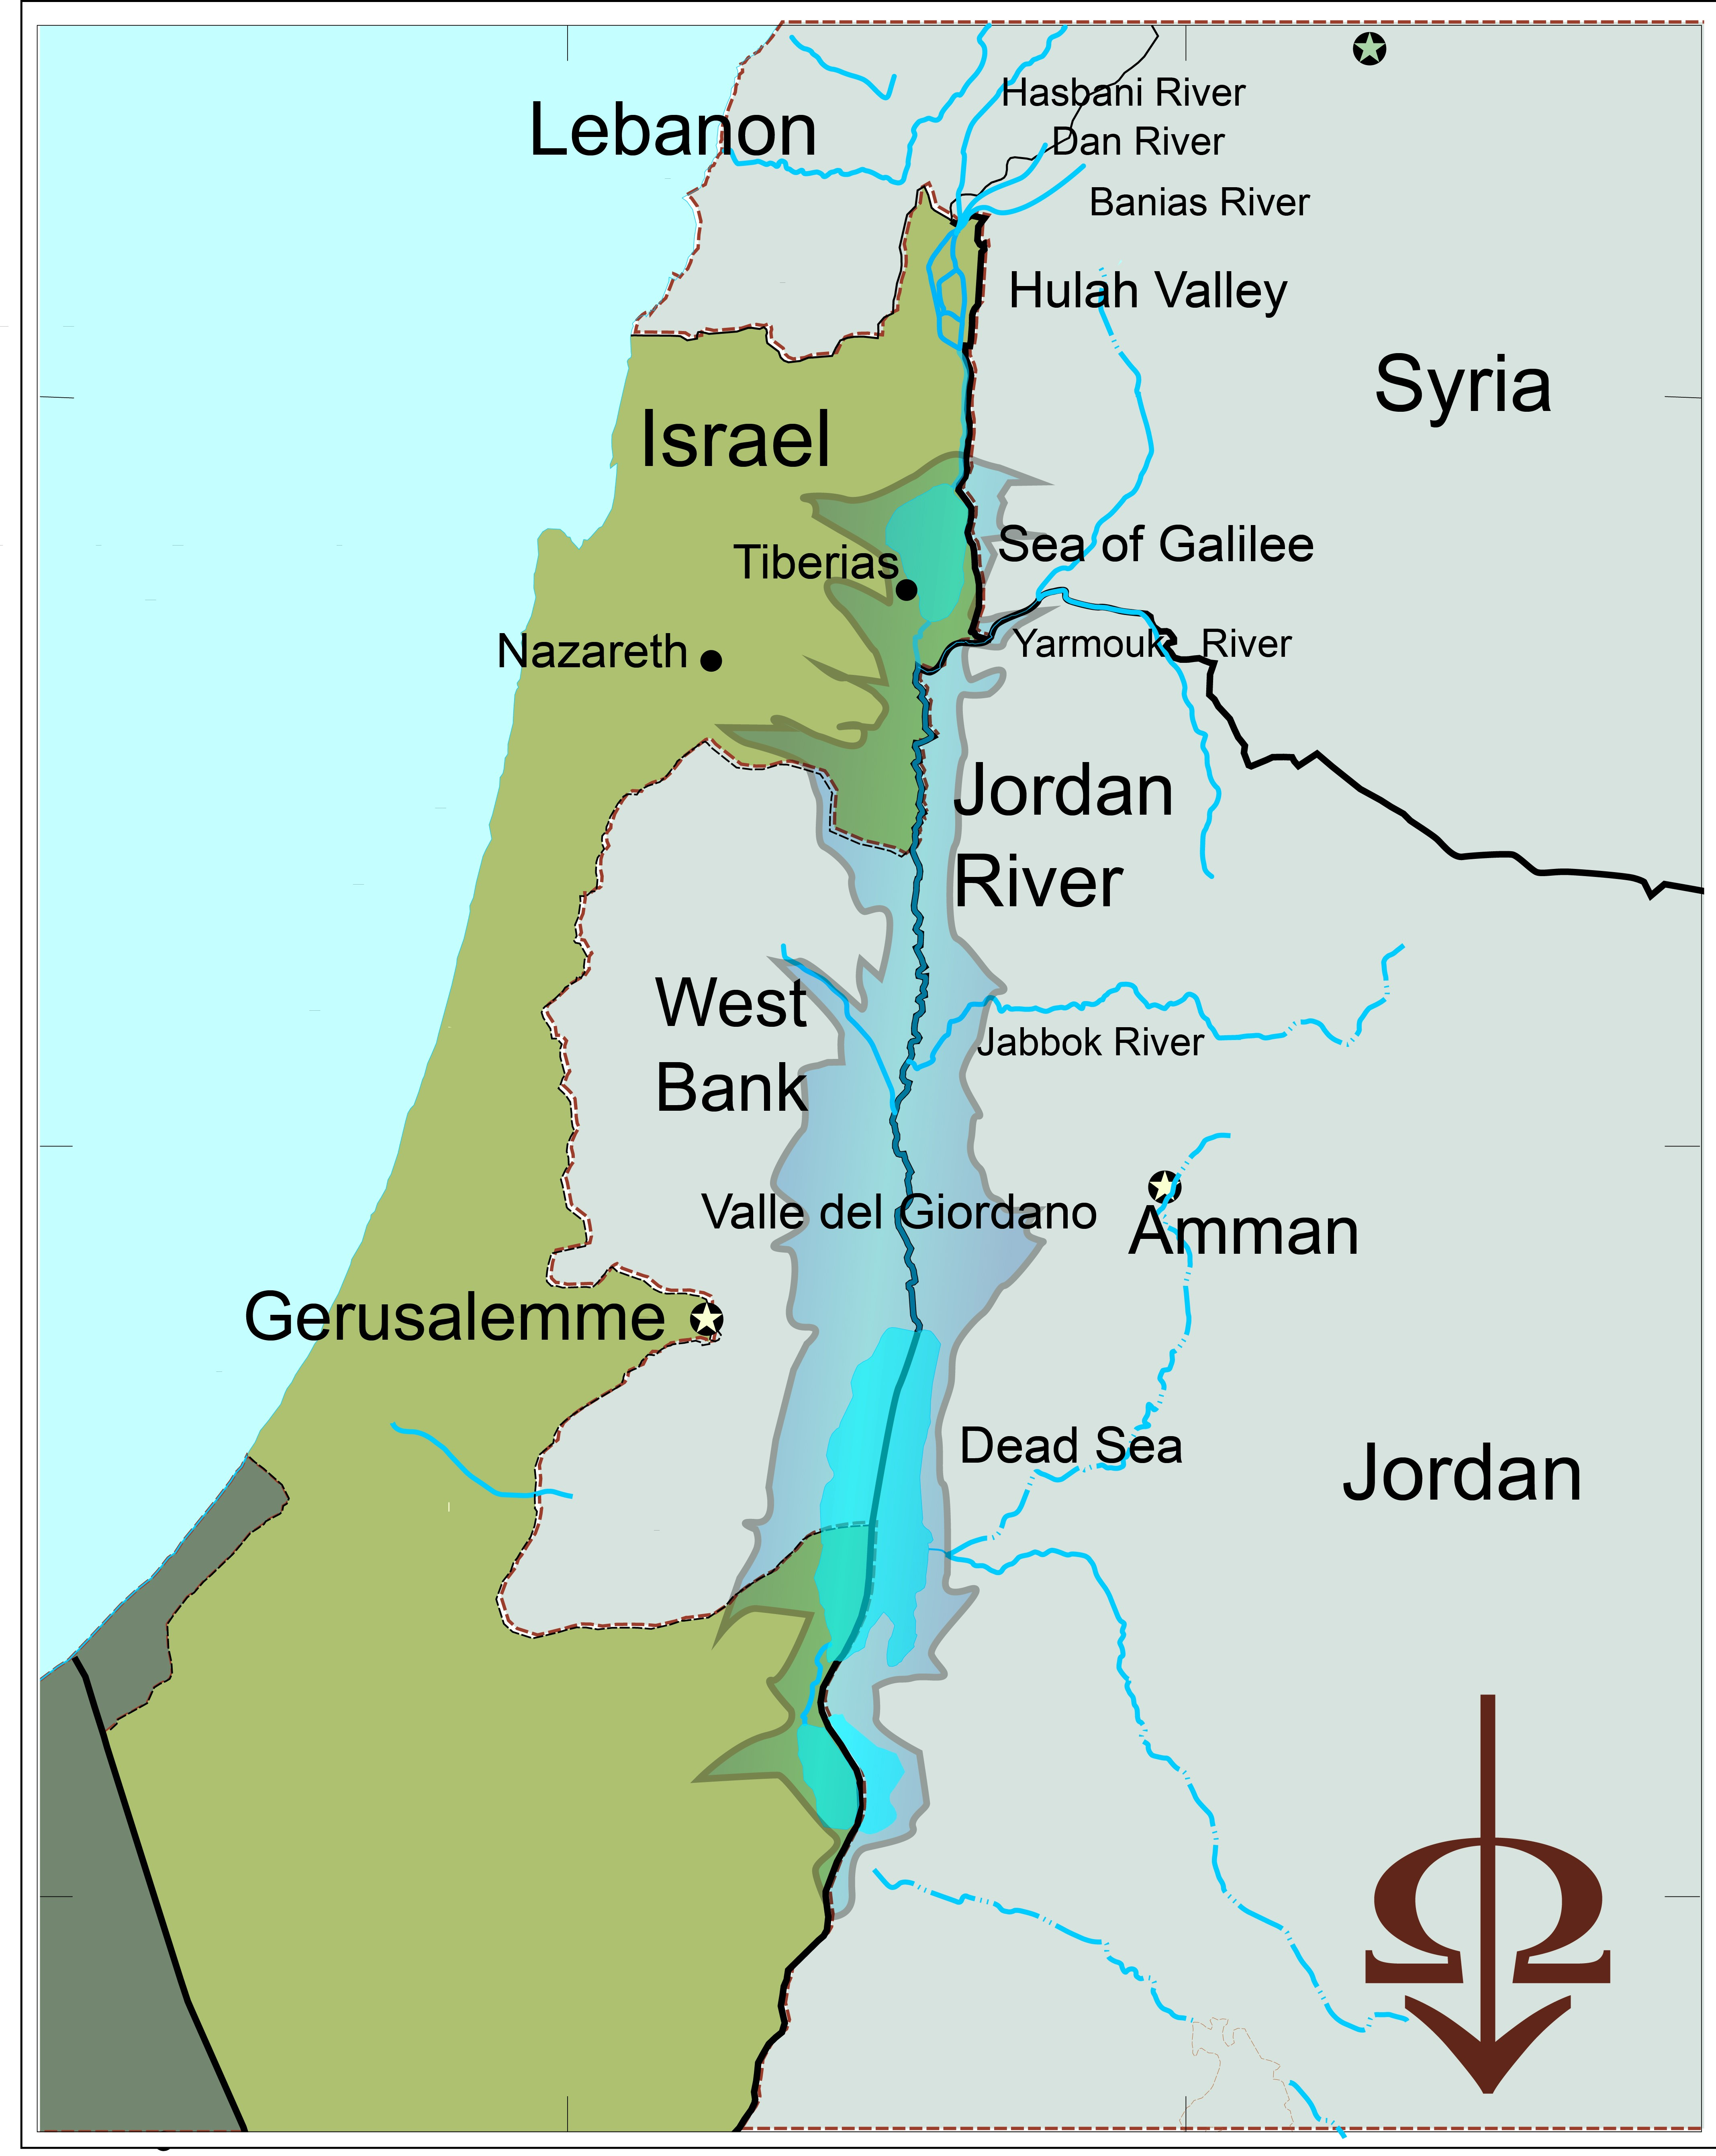 Cartina Israele Giordania.Fiume Giordano Dal Misticismo Della Religione Al Pericolo Idrico Omeganews Info